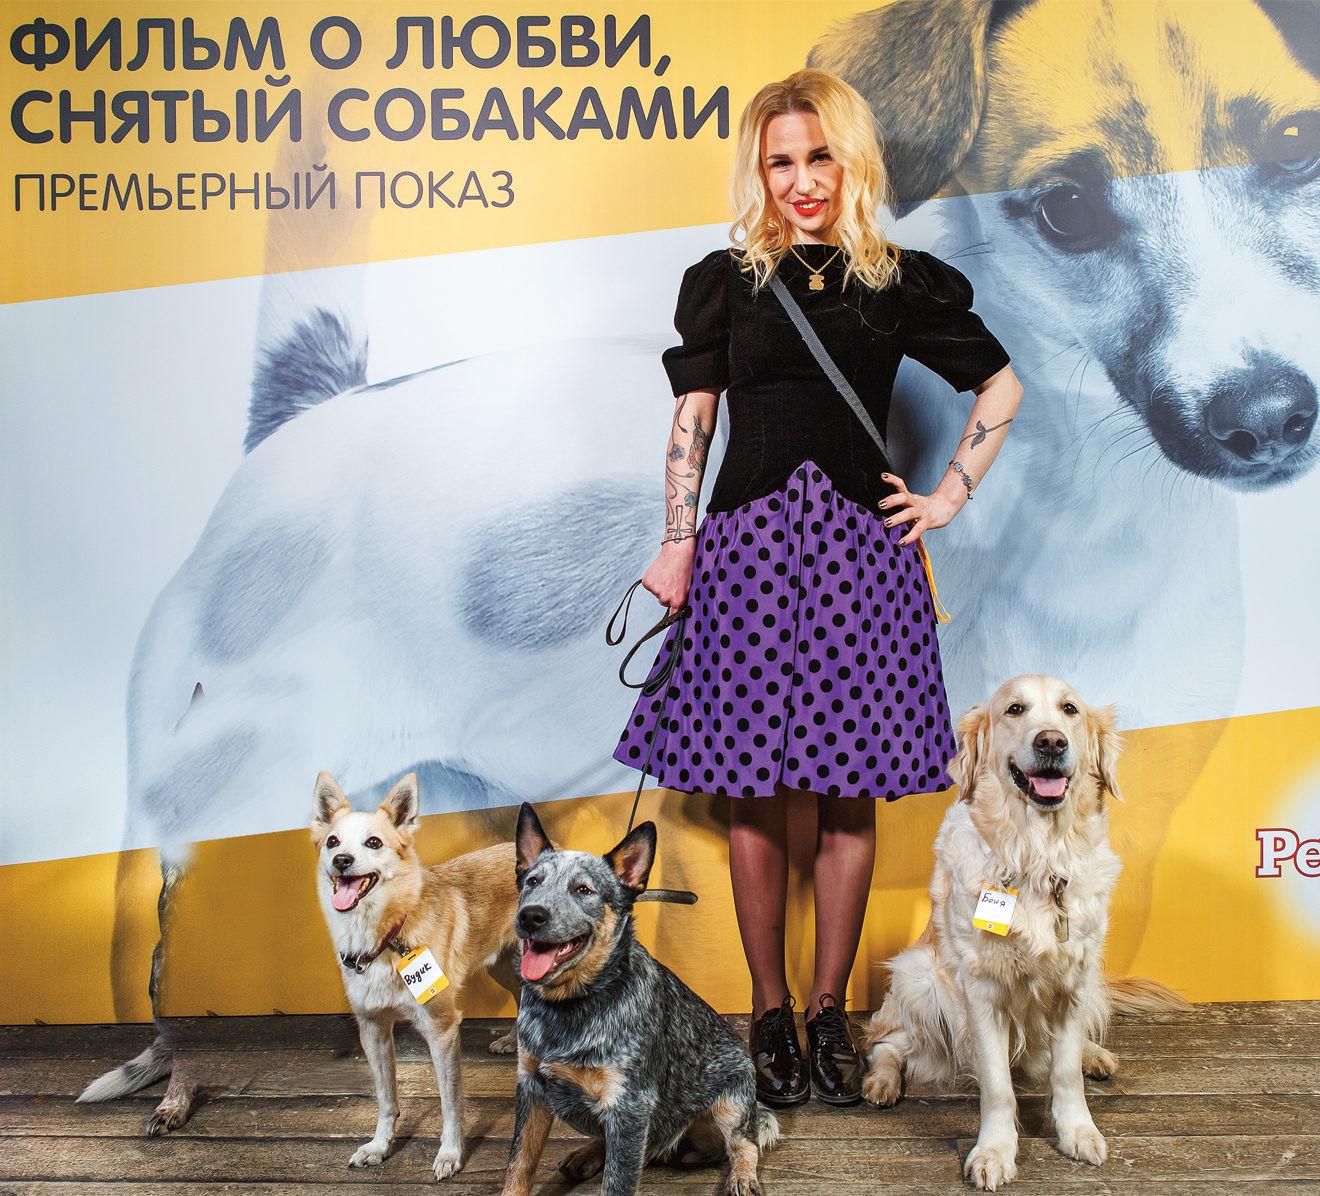 Валерия Гай Германика рассказала о своей самой сокровенной любви